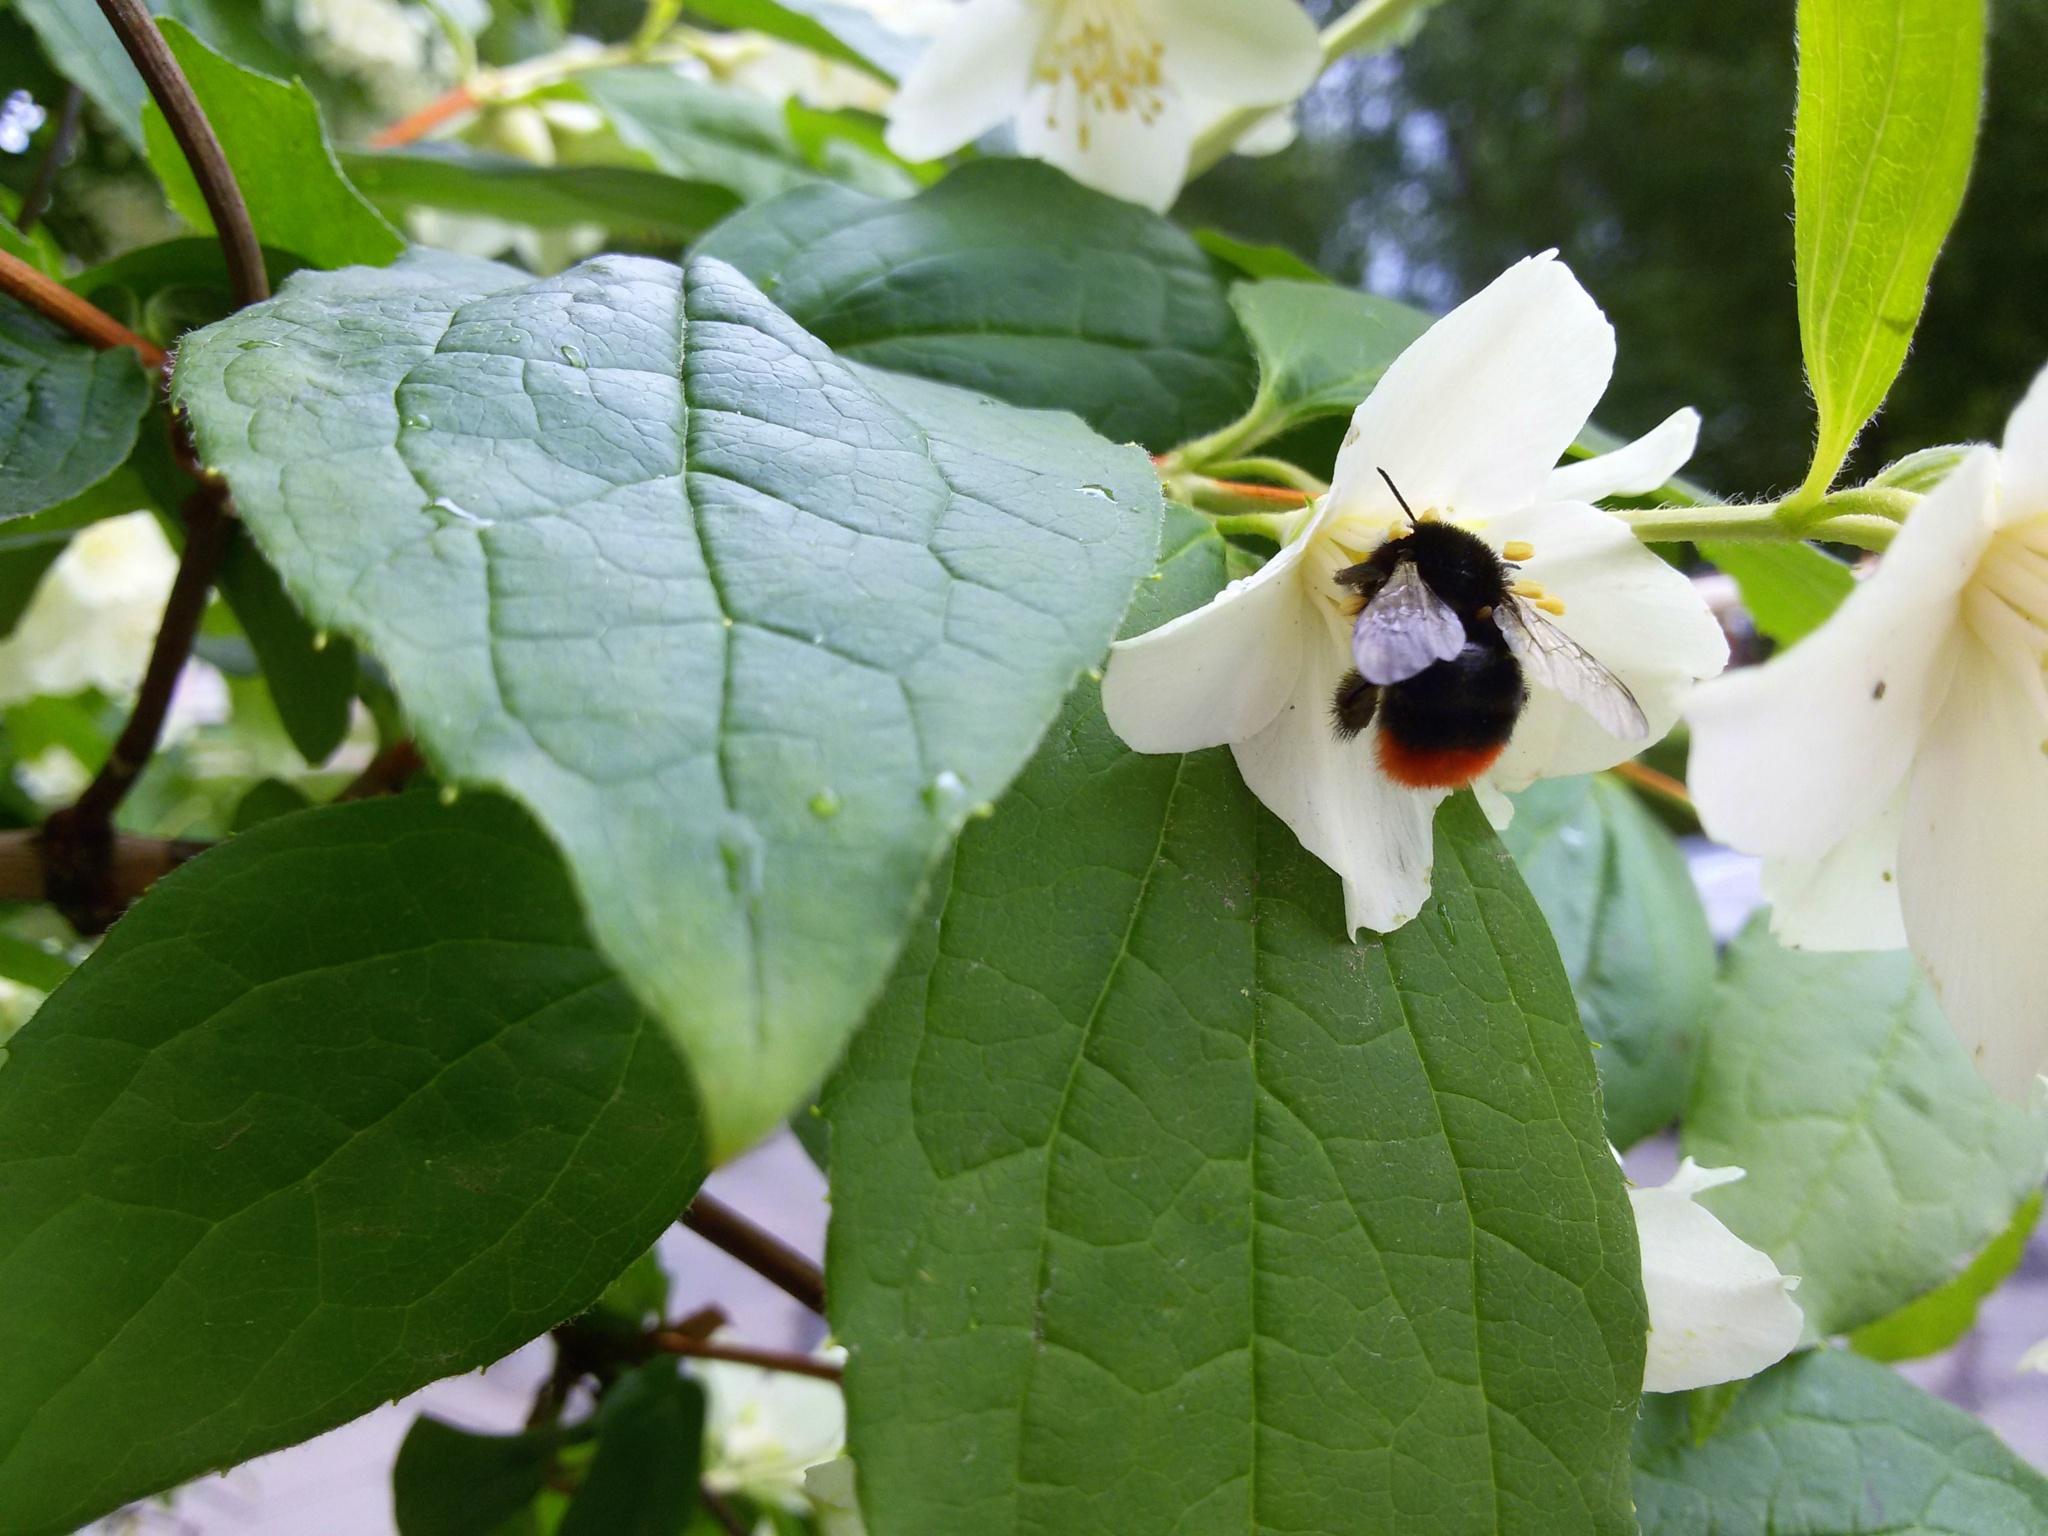 Bumblebee jasmine flowers by uzkuraitiene62